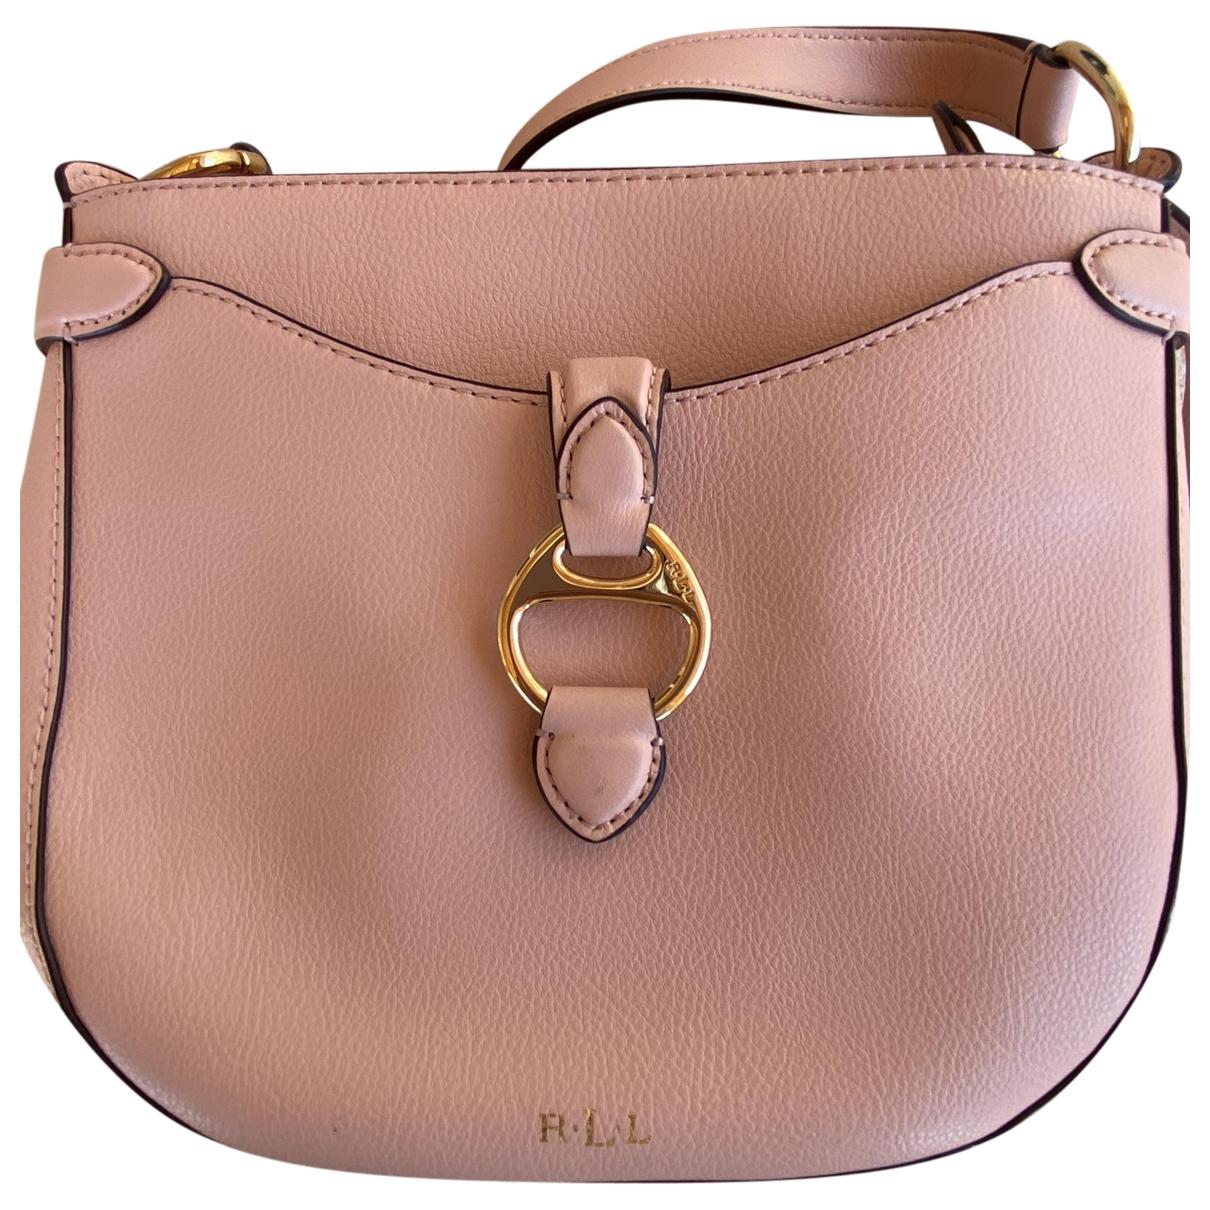 Lauren Ralph Lauren \N Pink Leather handbag for Women \N